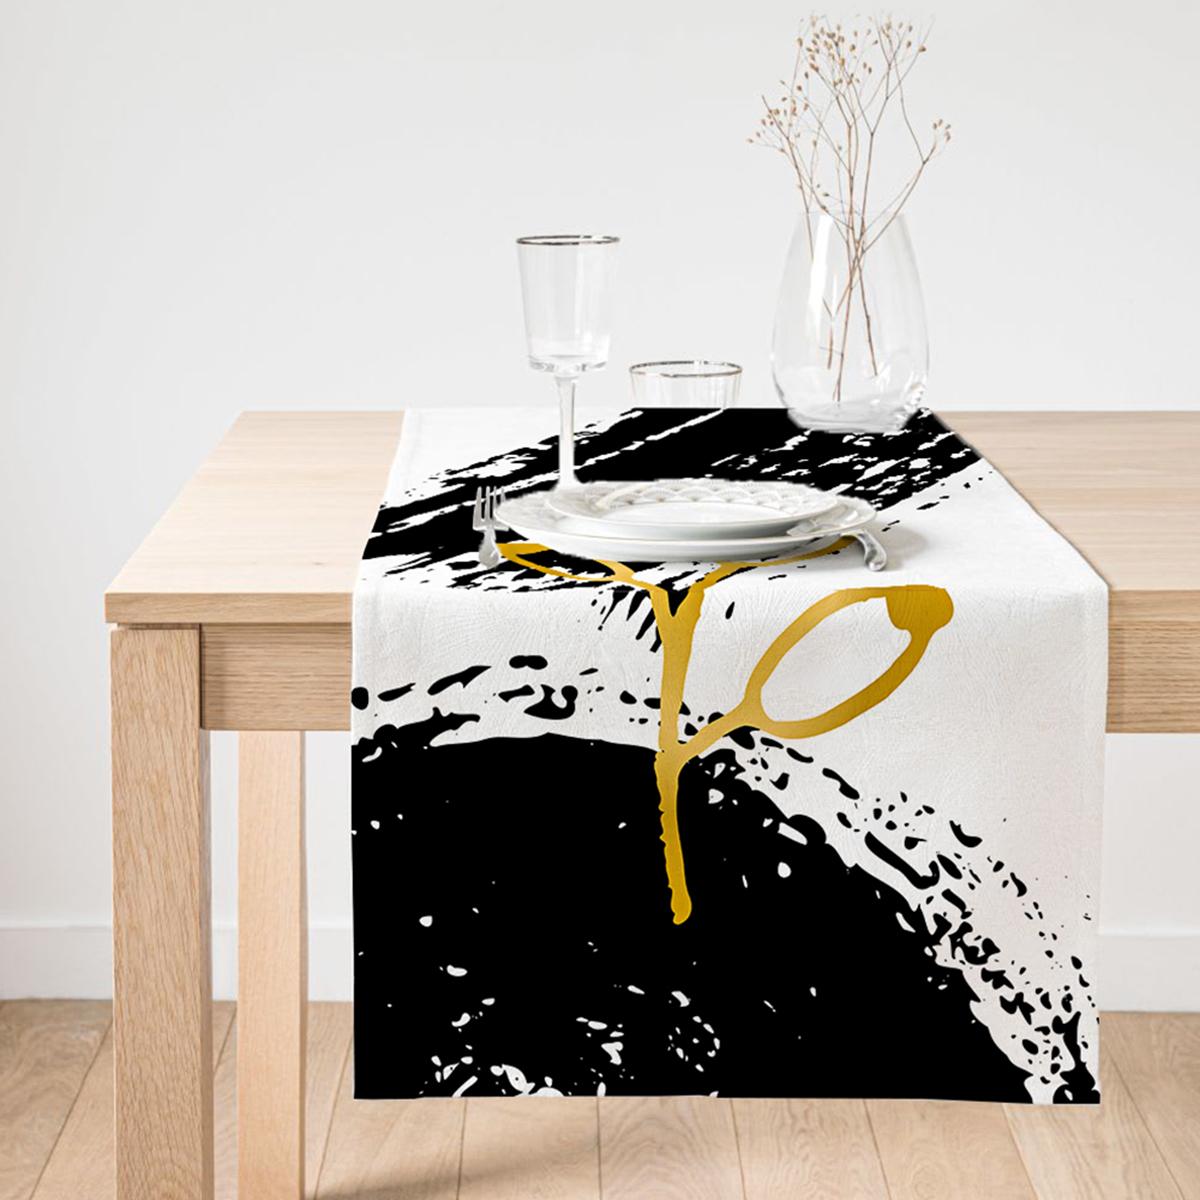 Realhomes Gold Renkli Onedraw Çizimli Çiçek Desenli Dijital Baskılı Özel Tasarım Süet Runner Realhomes